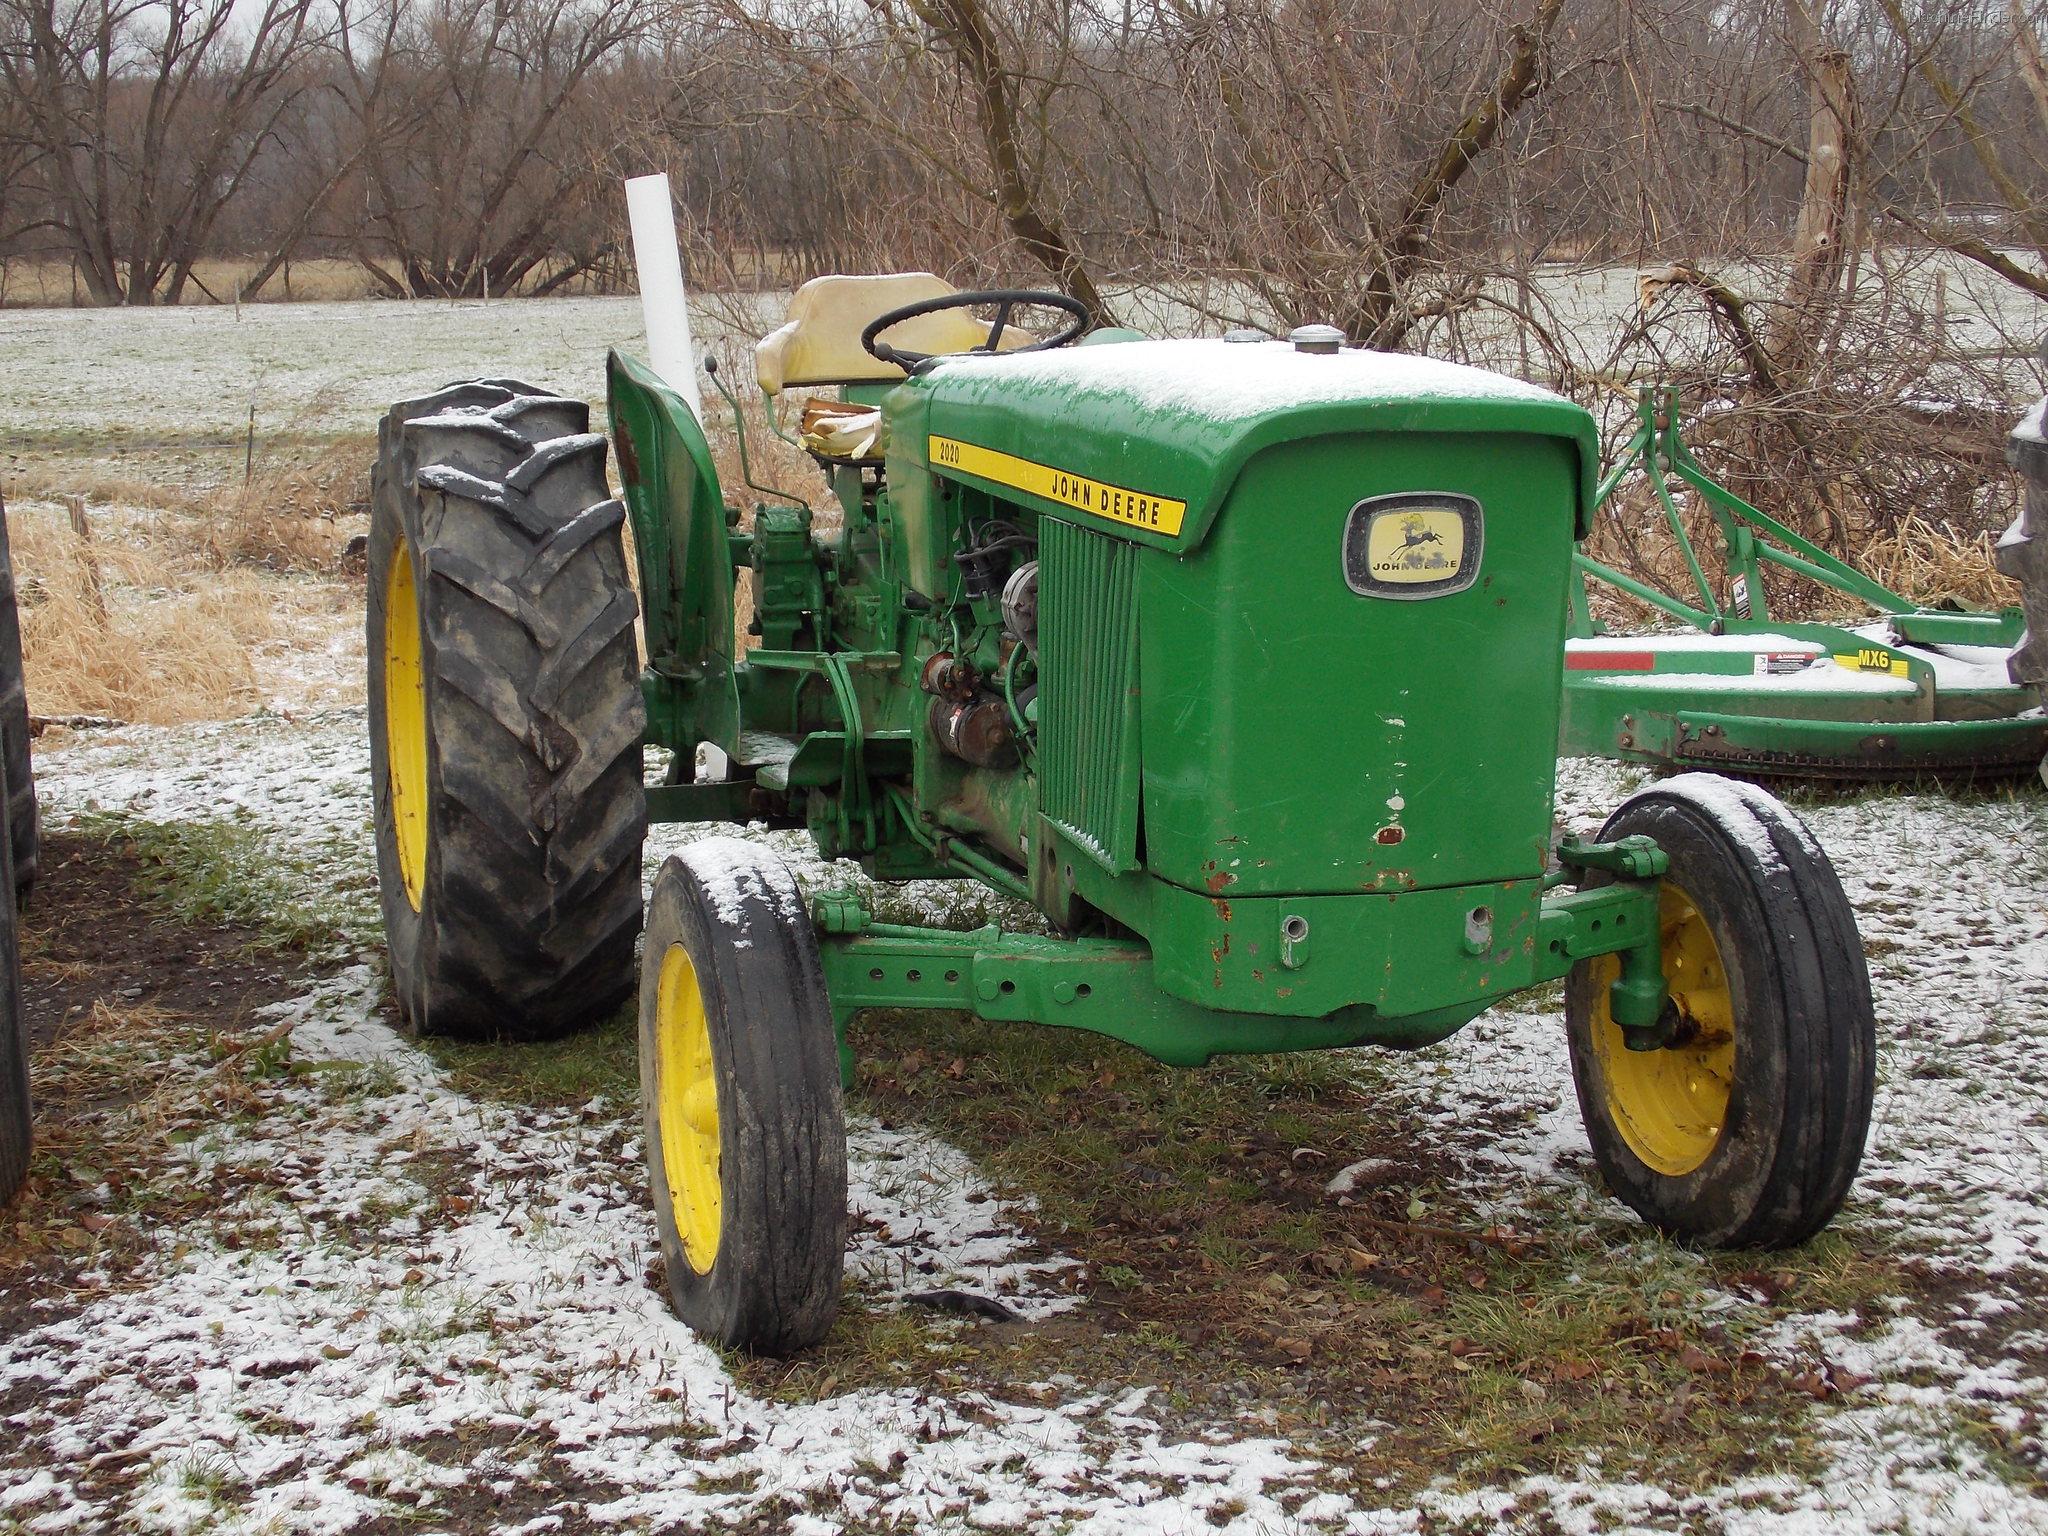 John Deere 2020 Tractors - Utility (40-100hp) - John Deere ...